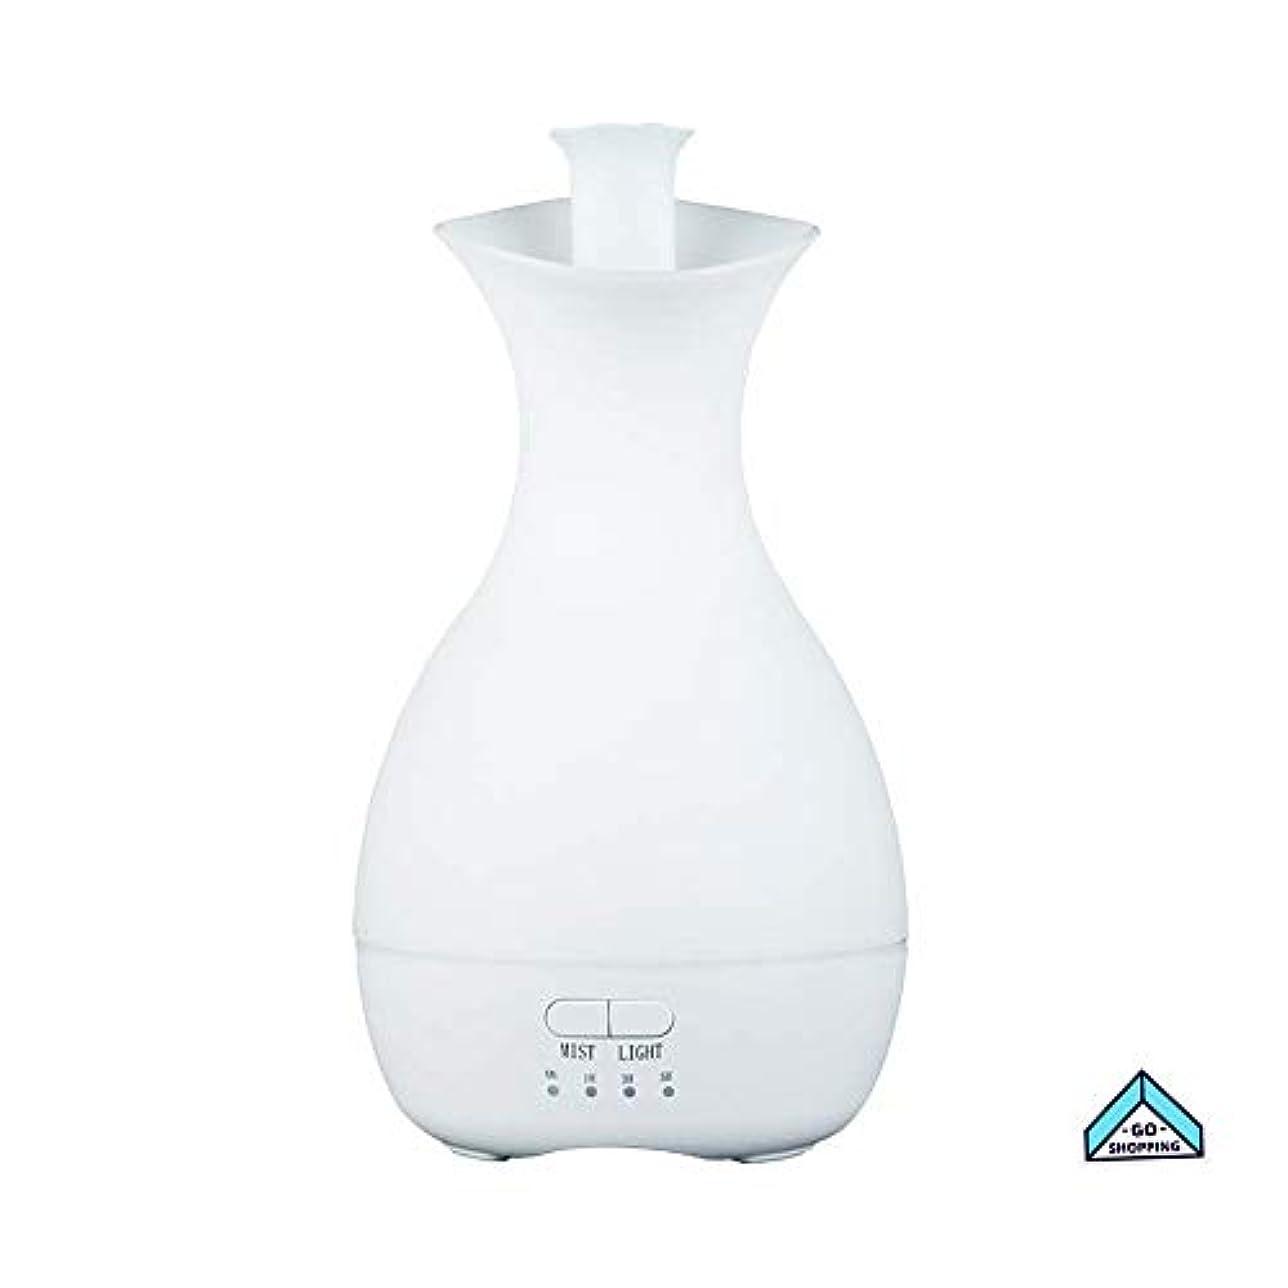 灌漑ブローホール問い合わせNICEE加湿器、花瓶カラフルなナイトライトアロマセラピーホームノイズのないタイミングホームベッドルーム、ヨガ用大容量NICEY